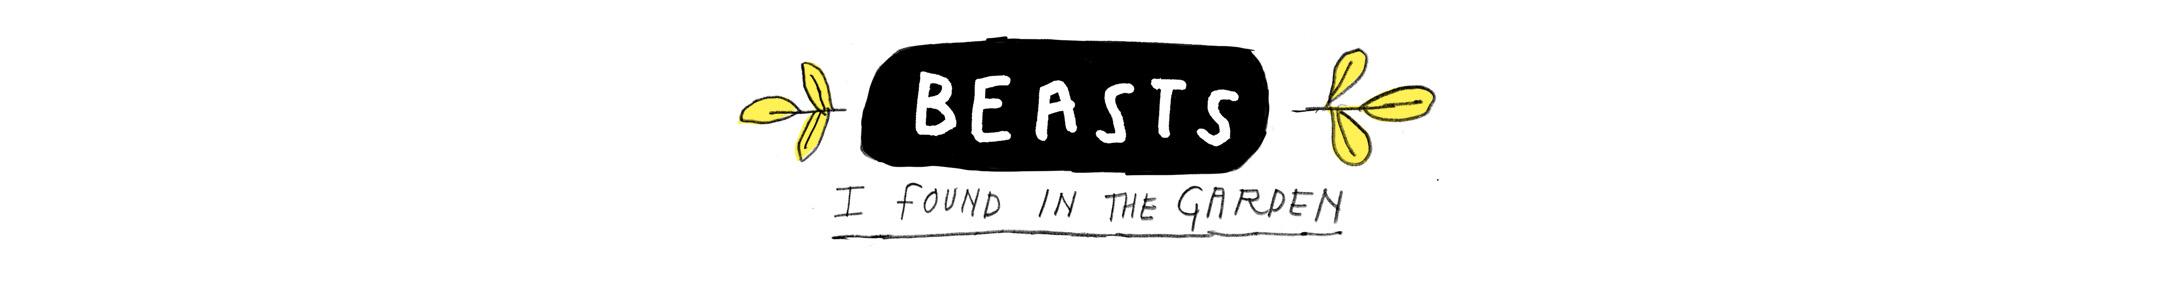 BeastsHeader.jpg